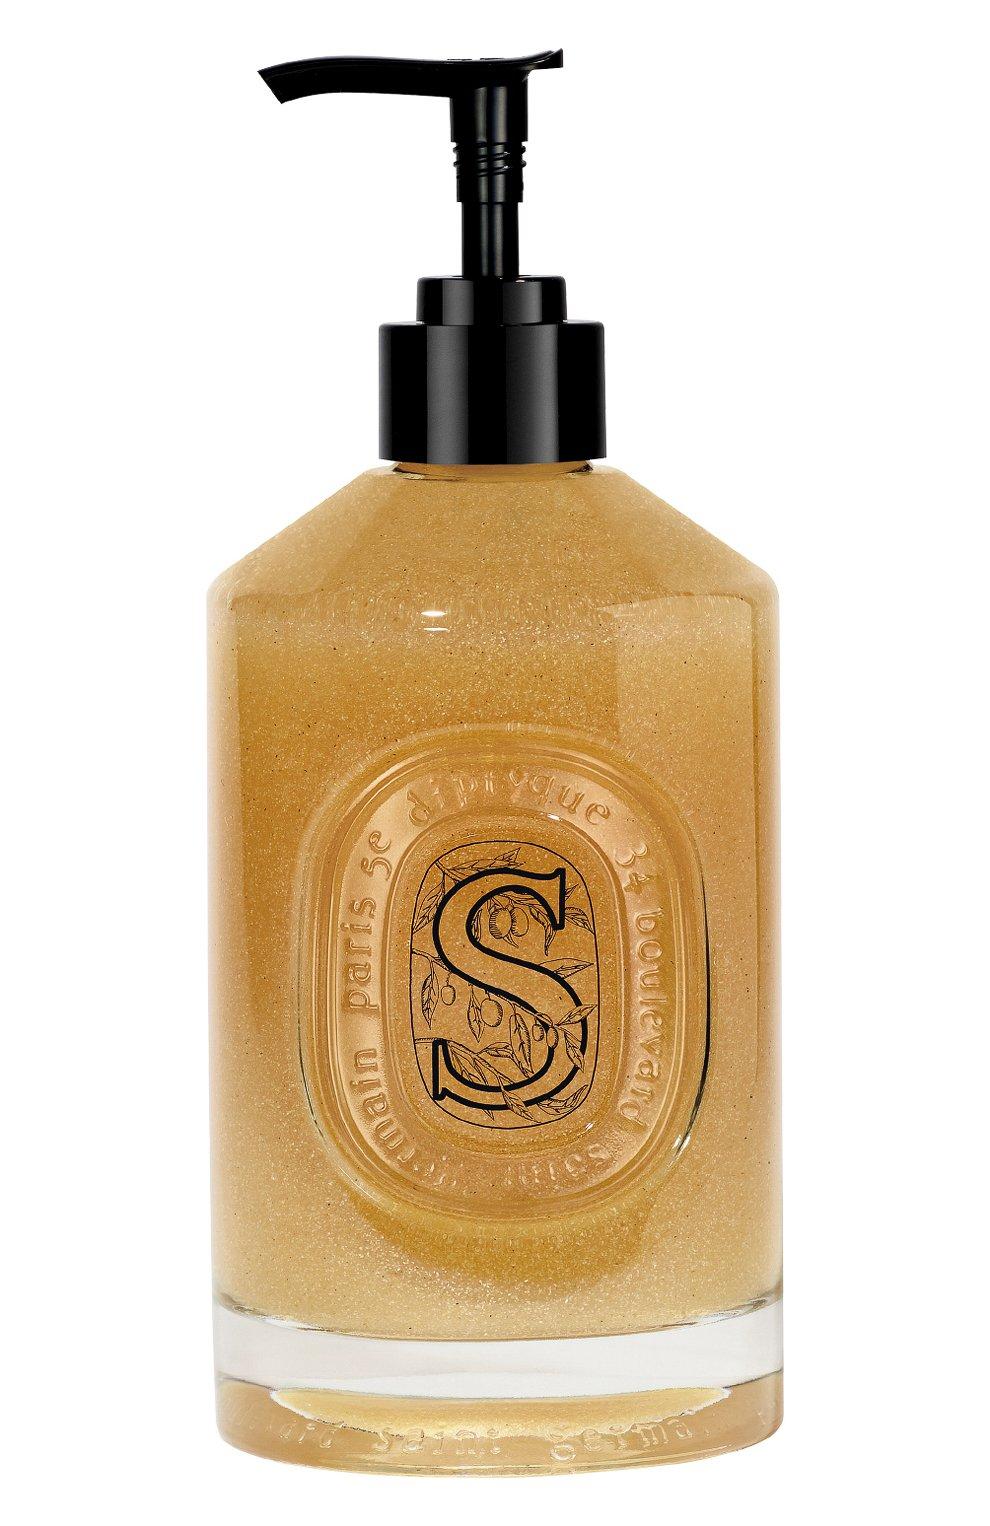 Жидкое мыло-скраб для рук DIPTYQUE бесцветного цвета, арт. 3700431420848 | Фото 1